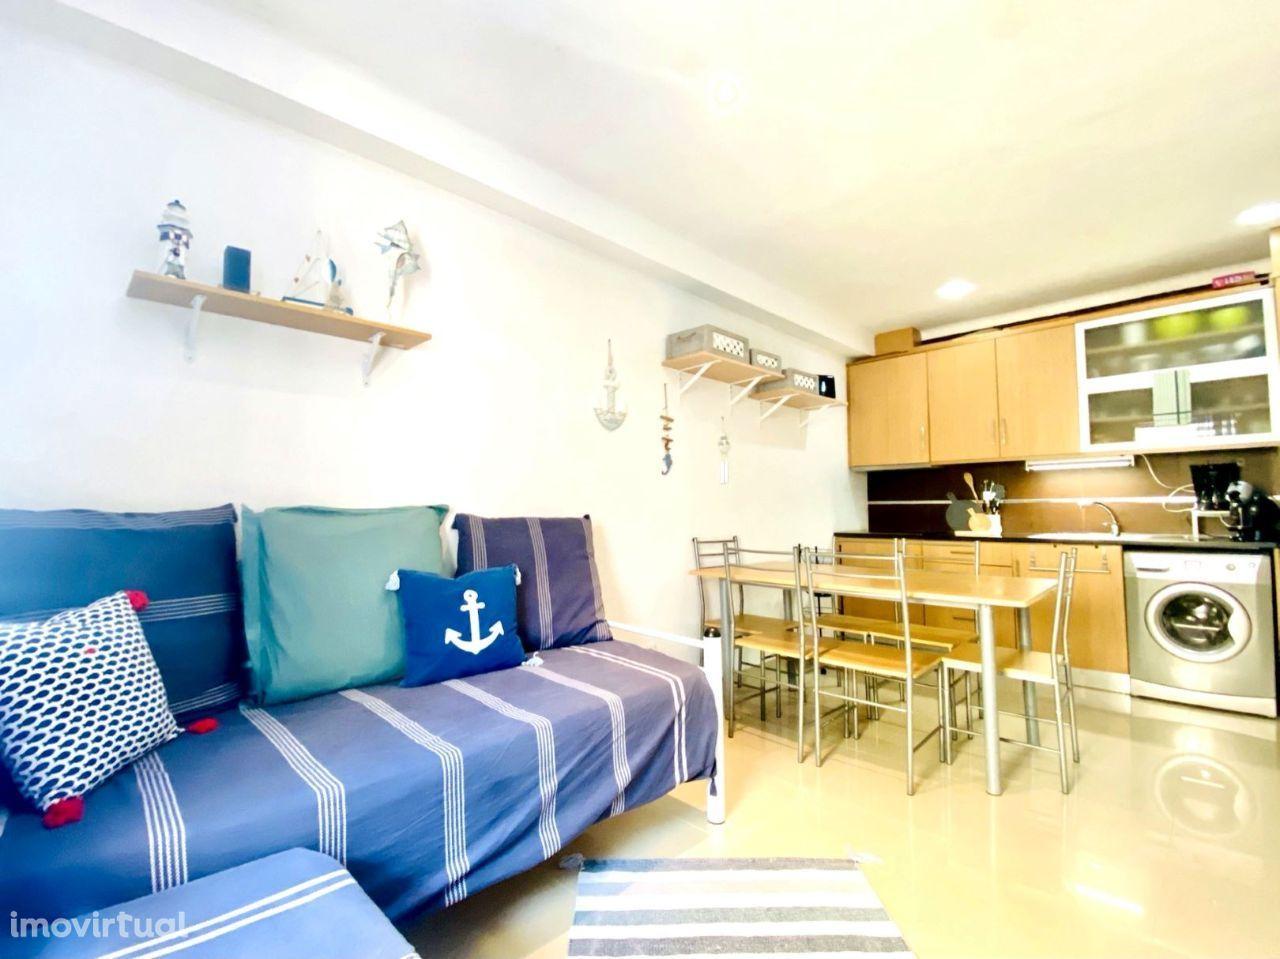 Apartamento T2, duplex, a 2 passos da praia da Nazaré